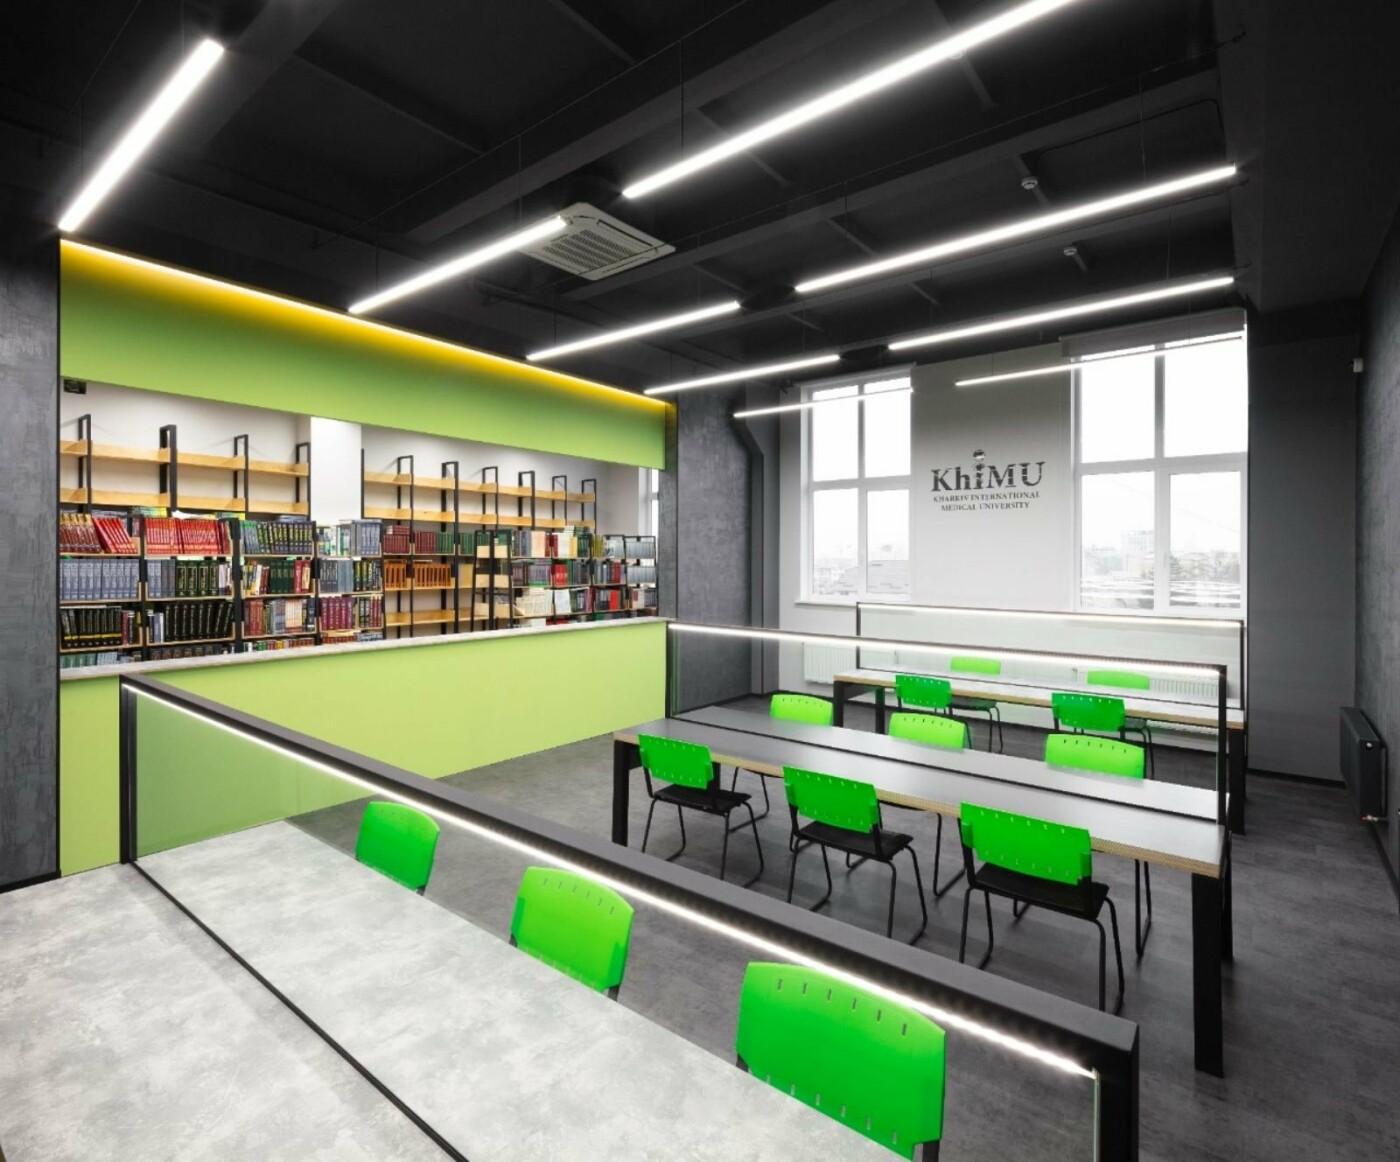 Стильная, яркая и индивидуальная мебель в стиле Loft от компании Lux-m для учебного заведения, фото-7